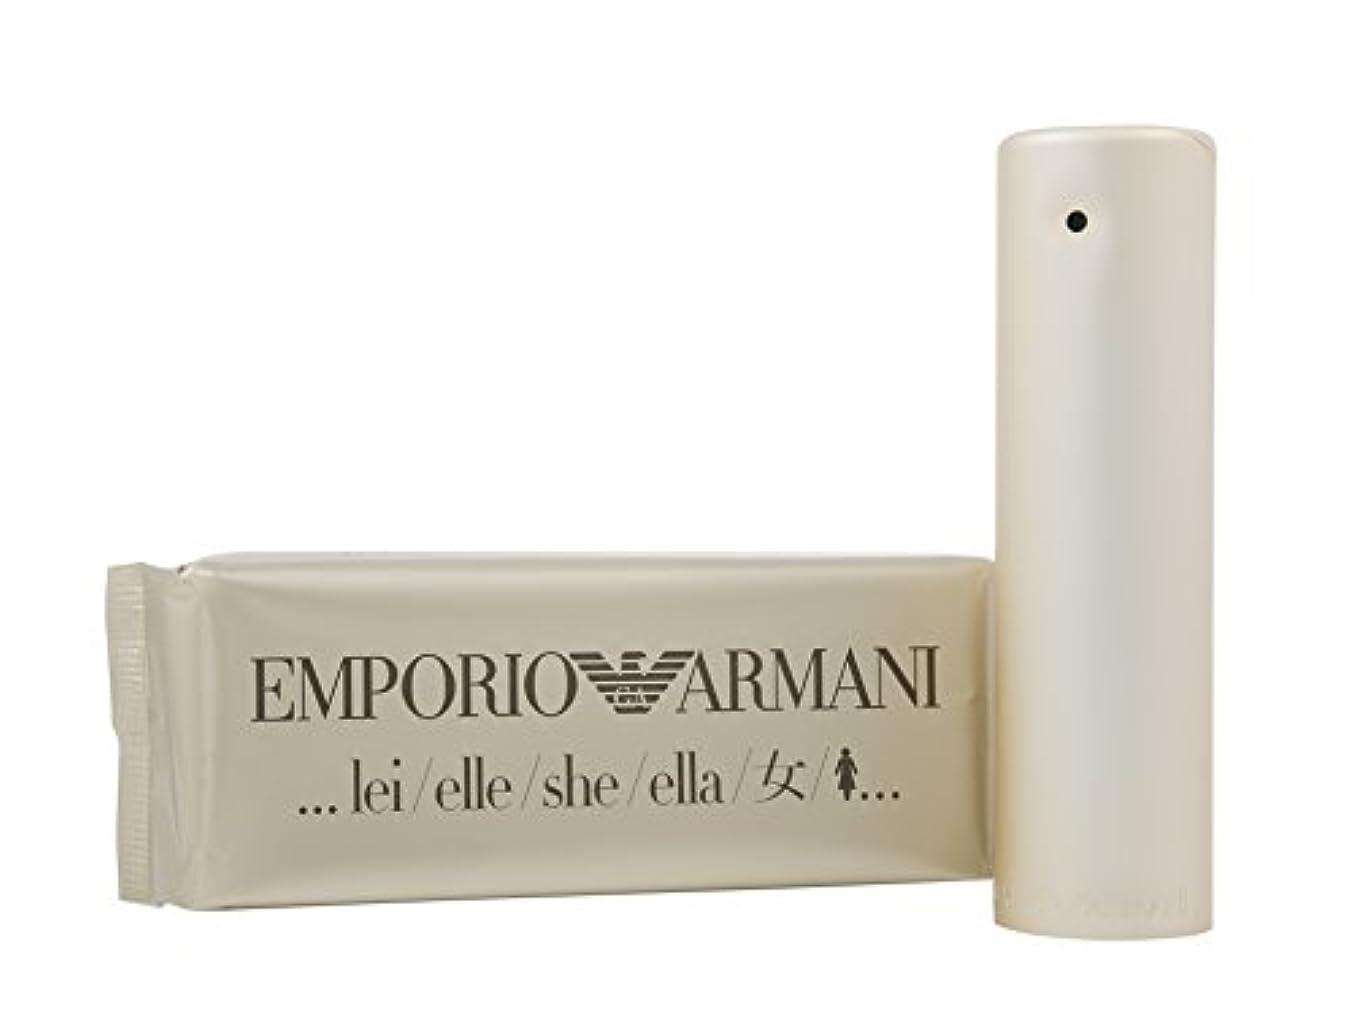 酔って切るバストエンポリオアルマーニ EMPORIO ARMANI エンポリオシー 100ml EDP SP オードパルファムスプレー(エンポリオハー、エンポリオウーマン)